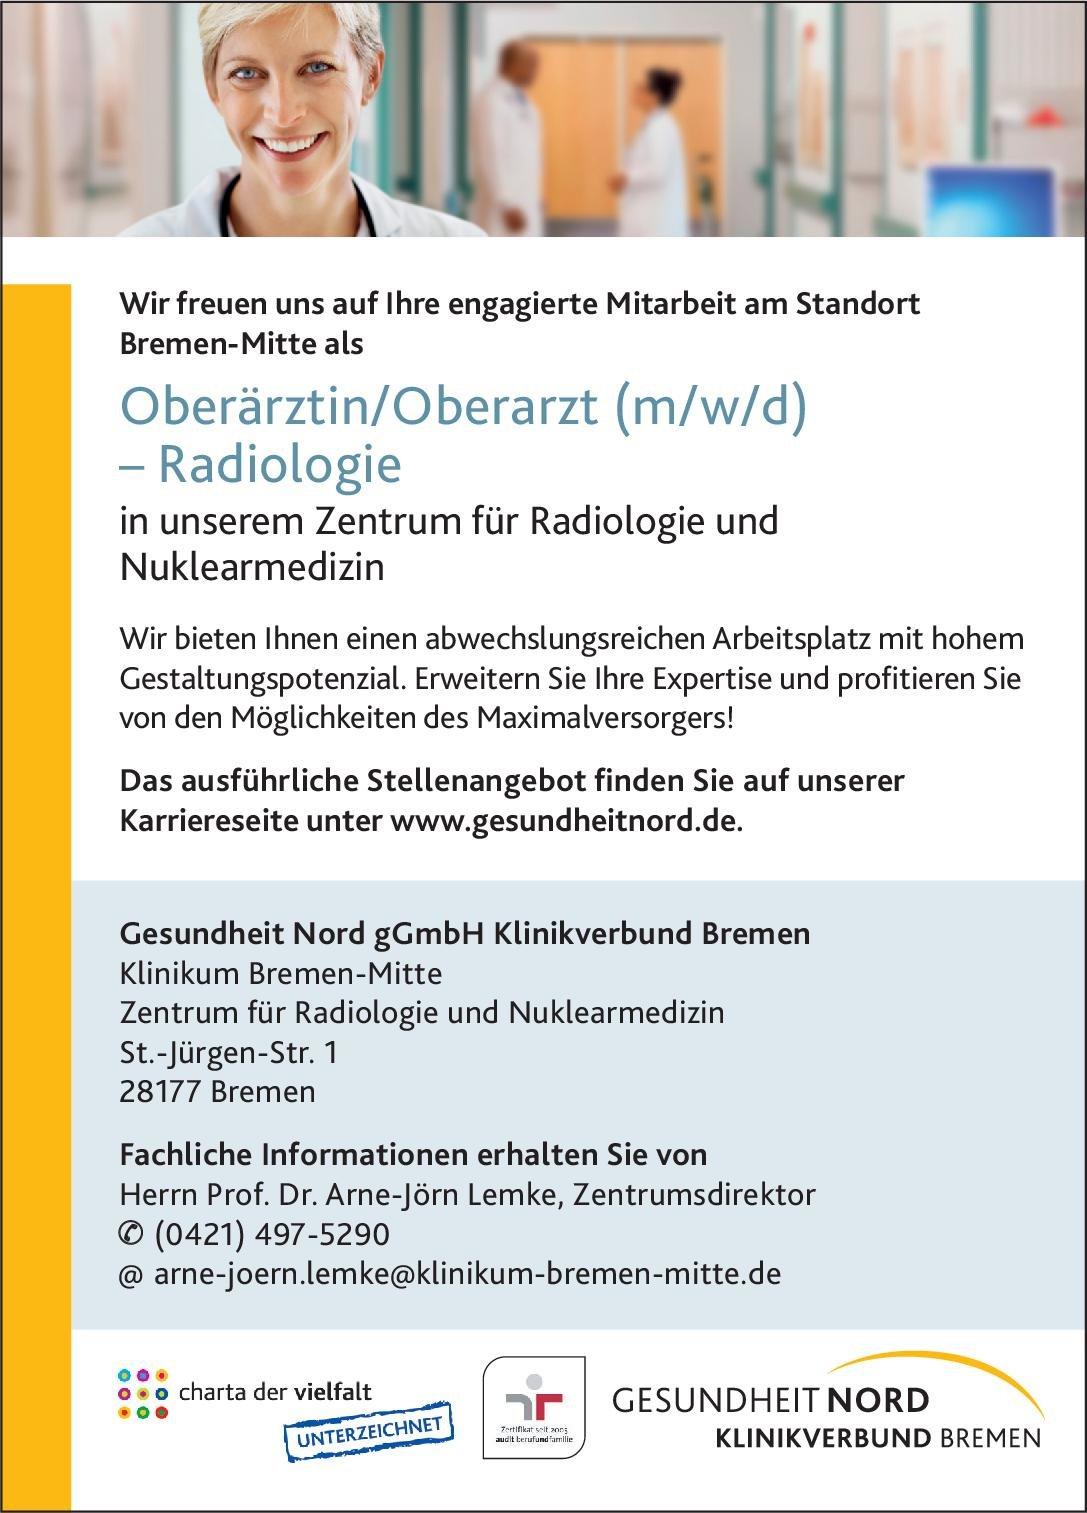 Gesundheit Nord gGmbH Klinikverbund Bremen Oberärztin/Oberarzt (m/w/d) - Radiologie  Radiologie, Radiologie Oberarzt